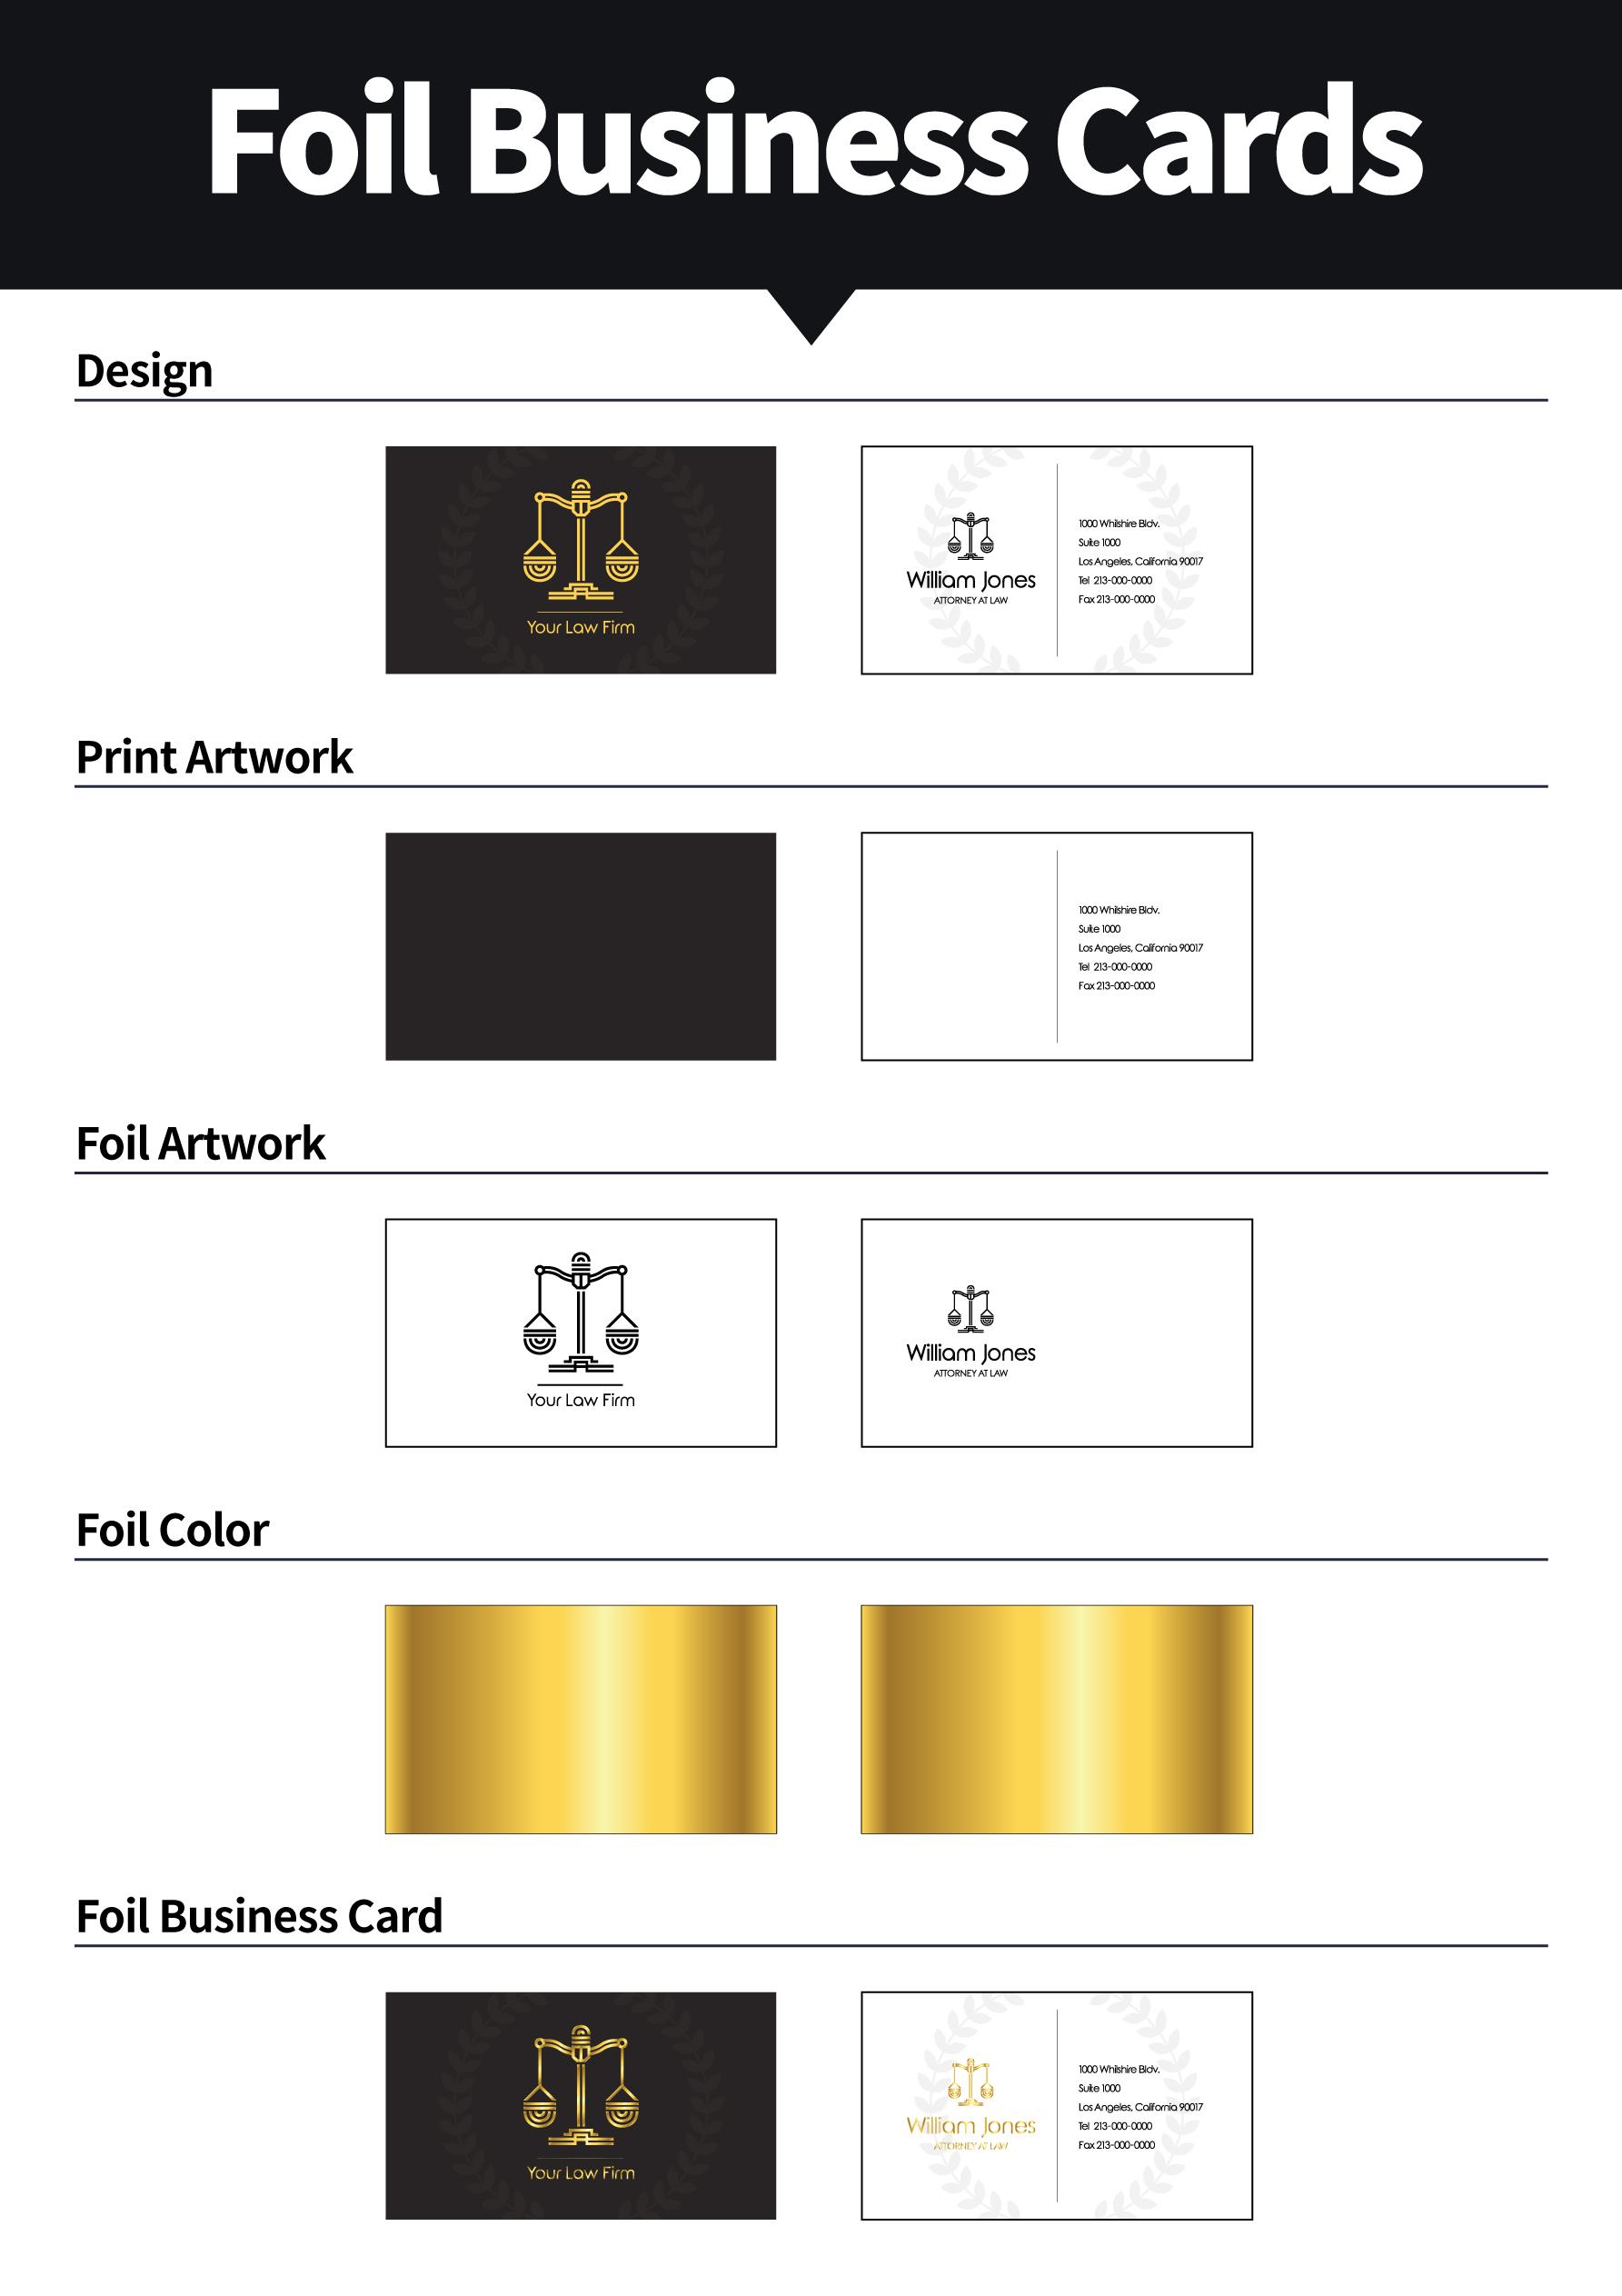 Foil Business Cards | Aladdinprint.com